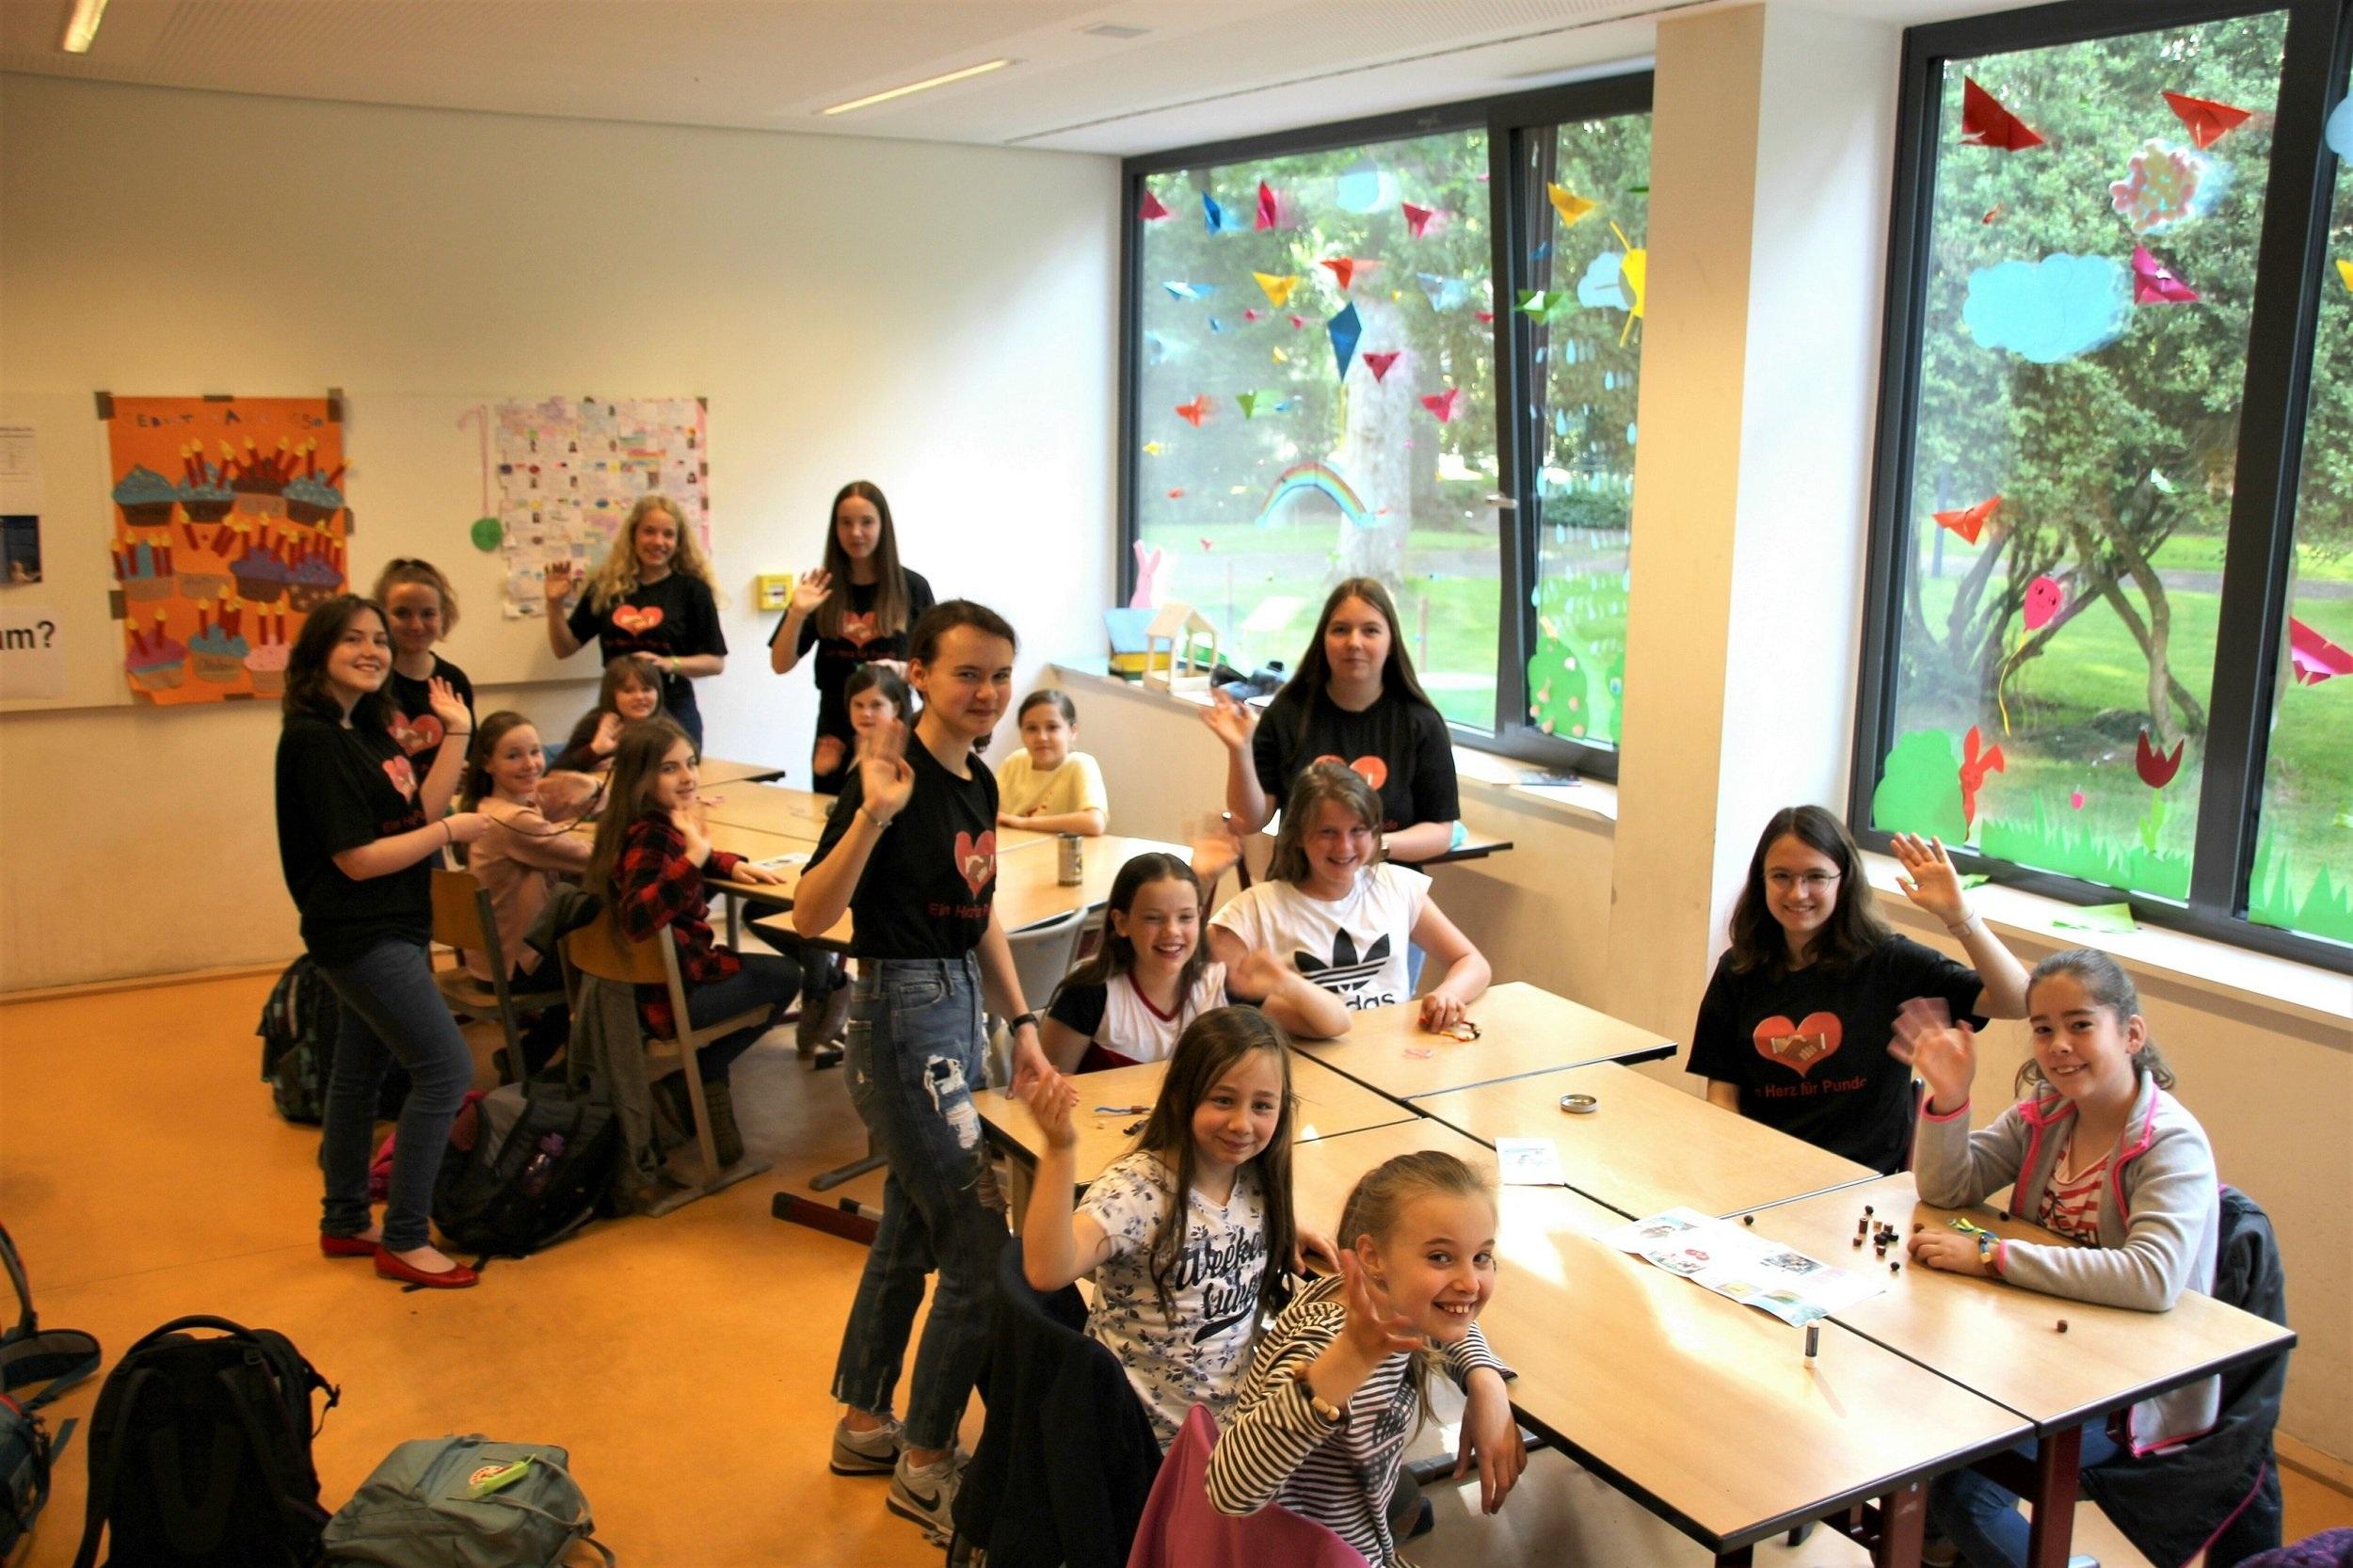 Sieger aus Bornheim: Ein Herz für Pundo